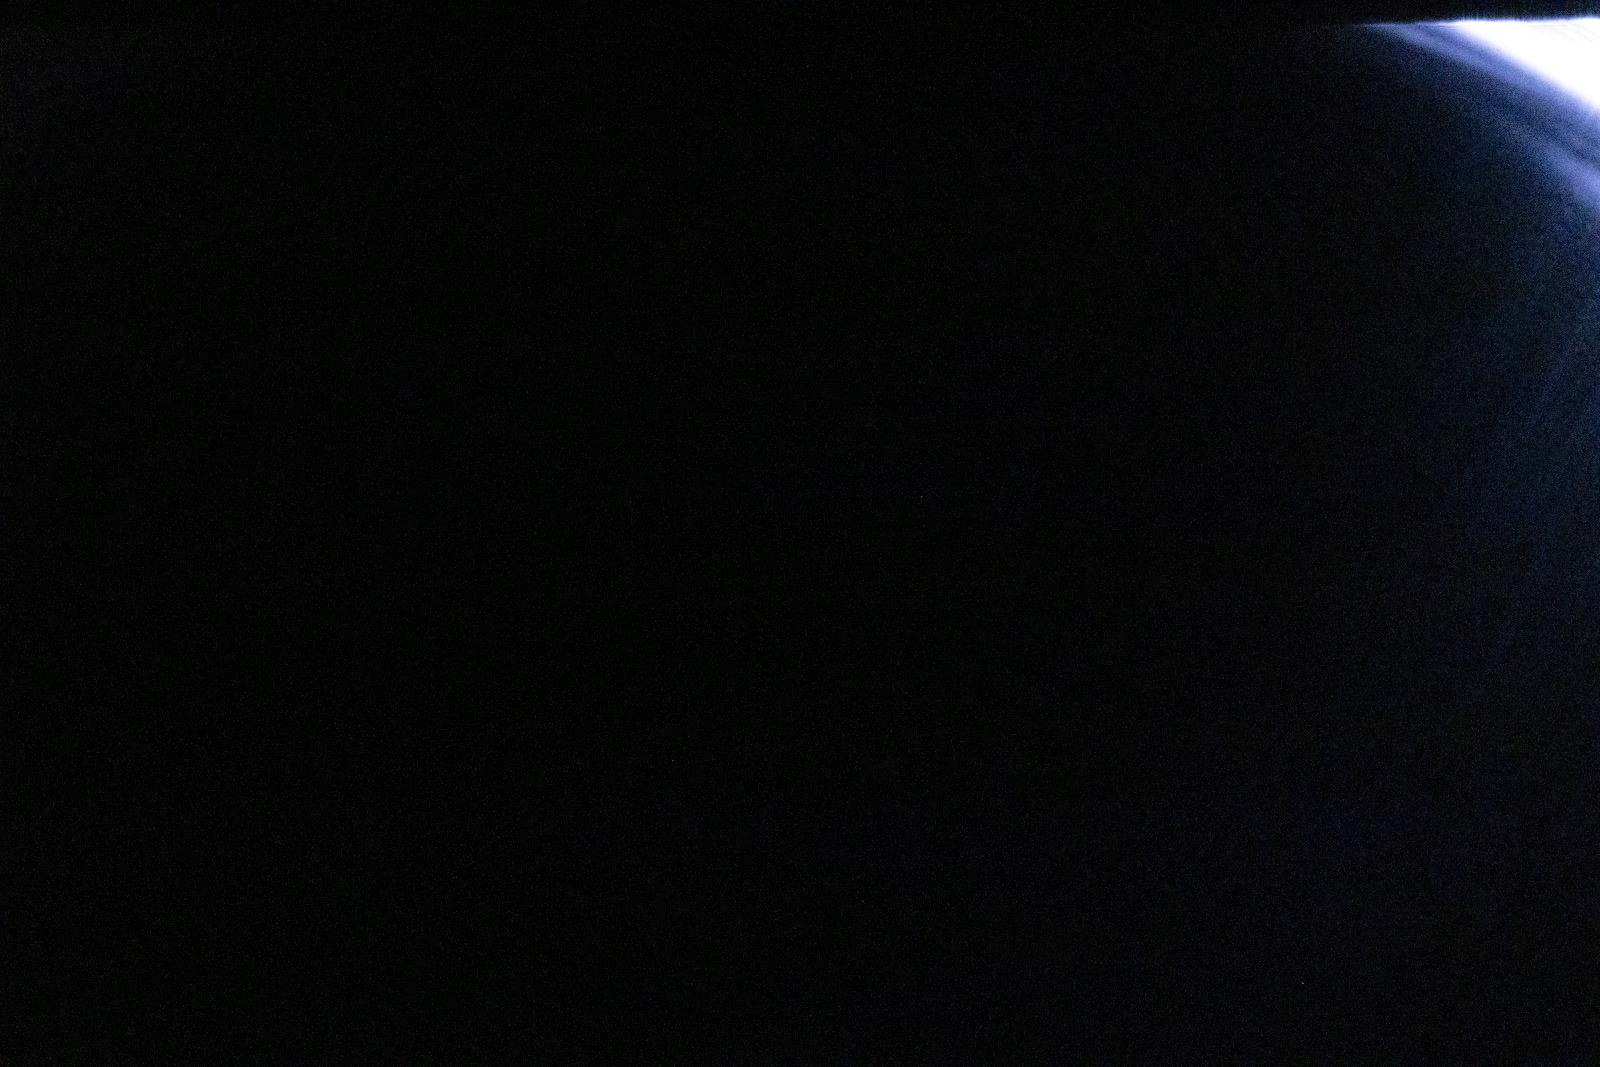 test infrarouge LEAK SIGMA | Pierre-Louis Ferrer | Test du SIGMA 24mm F/1.4 DG HSM Art en photographie infrarouge | Partie 1